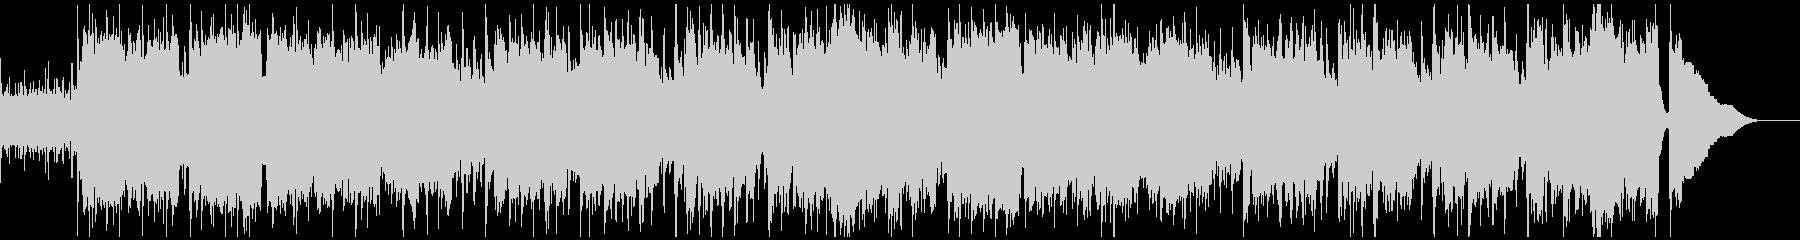 リコーダーとアコギのほのぼのとしたBGMの未再生の波形